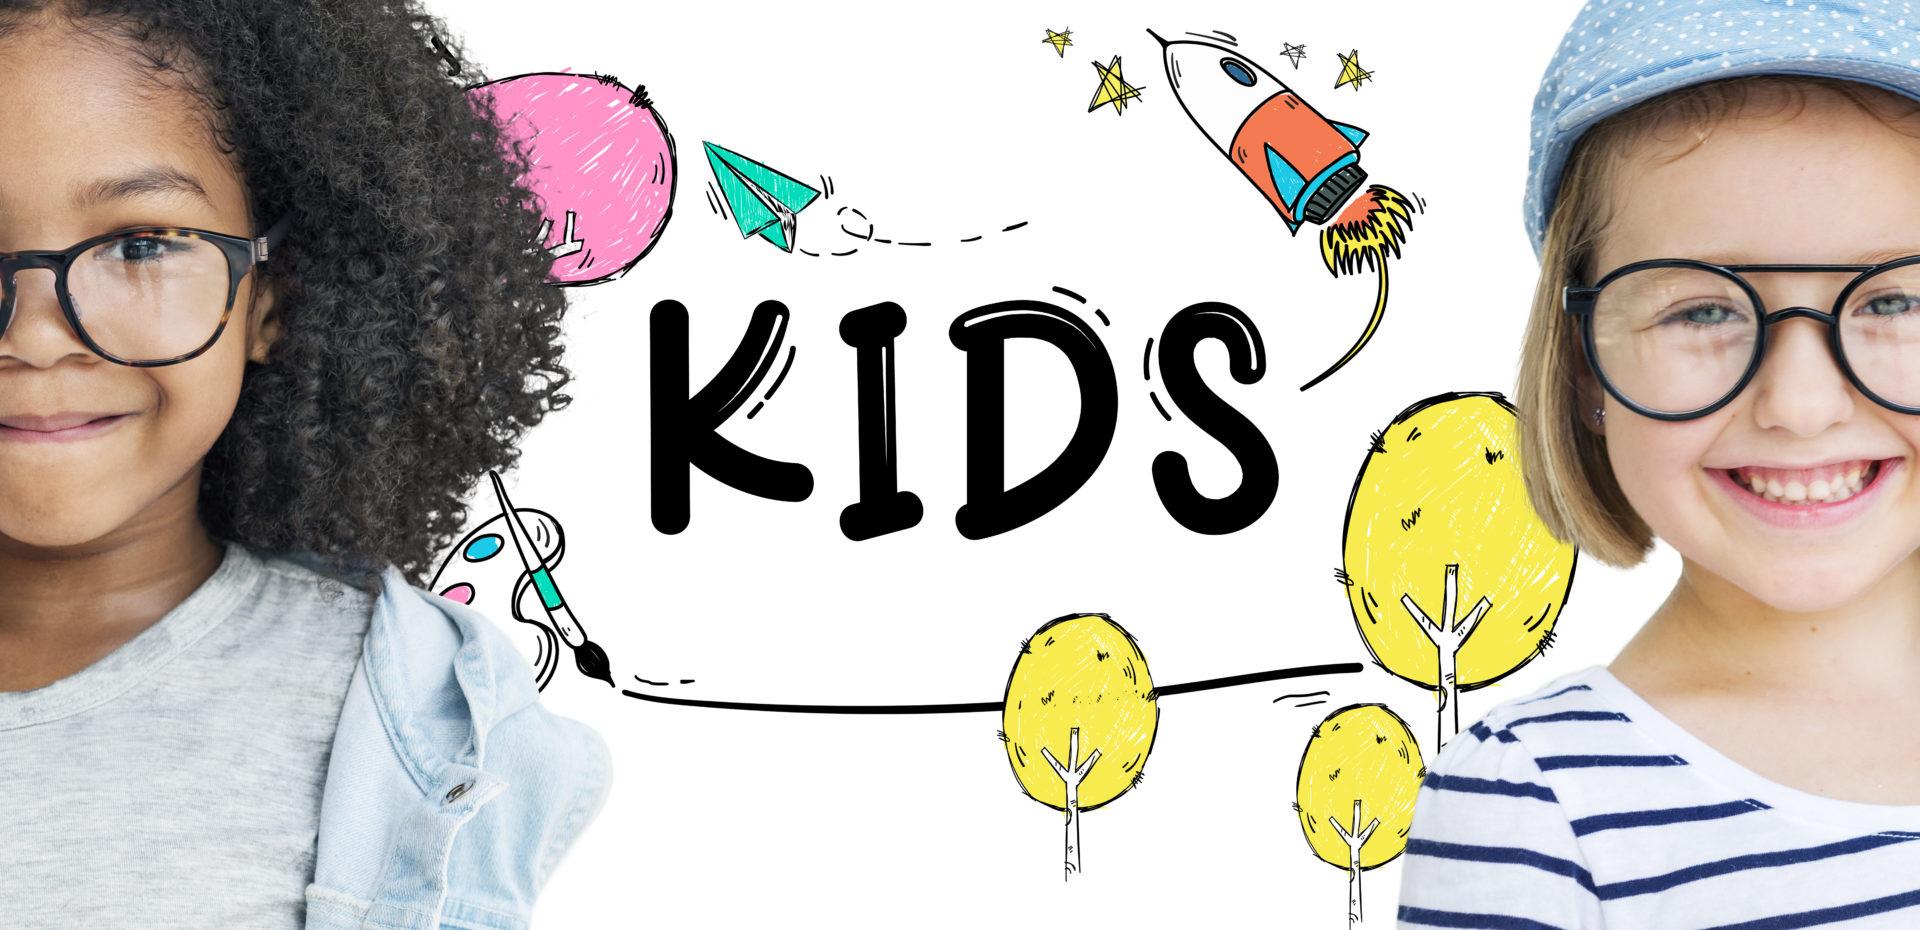 Idée Cadeau Pour Enfant (Fille) De 6 Ans À 12 Ans - Jeux Et destiné Jeux Interactifs 6 Ans